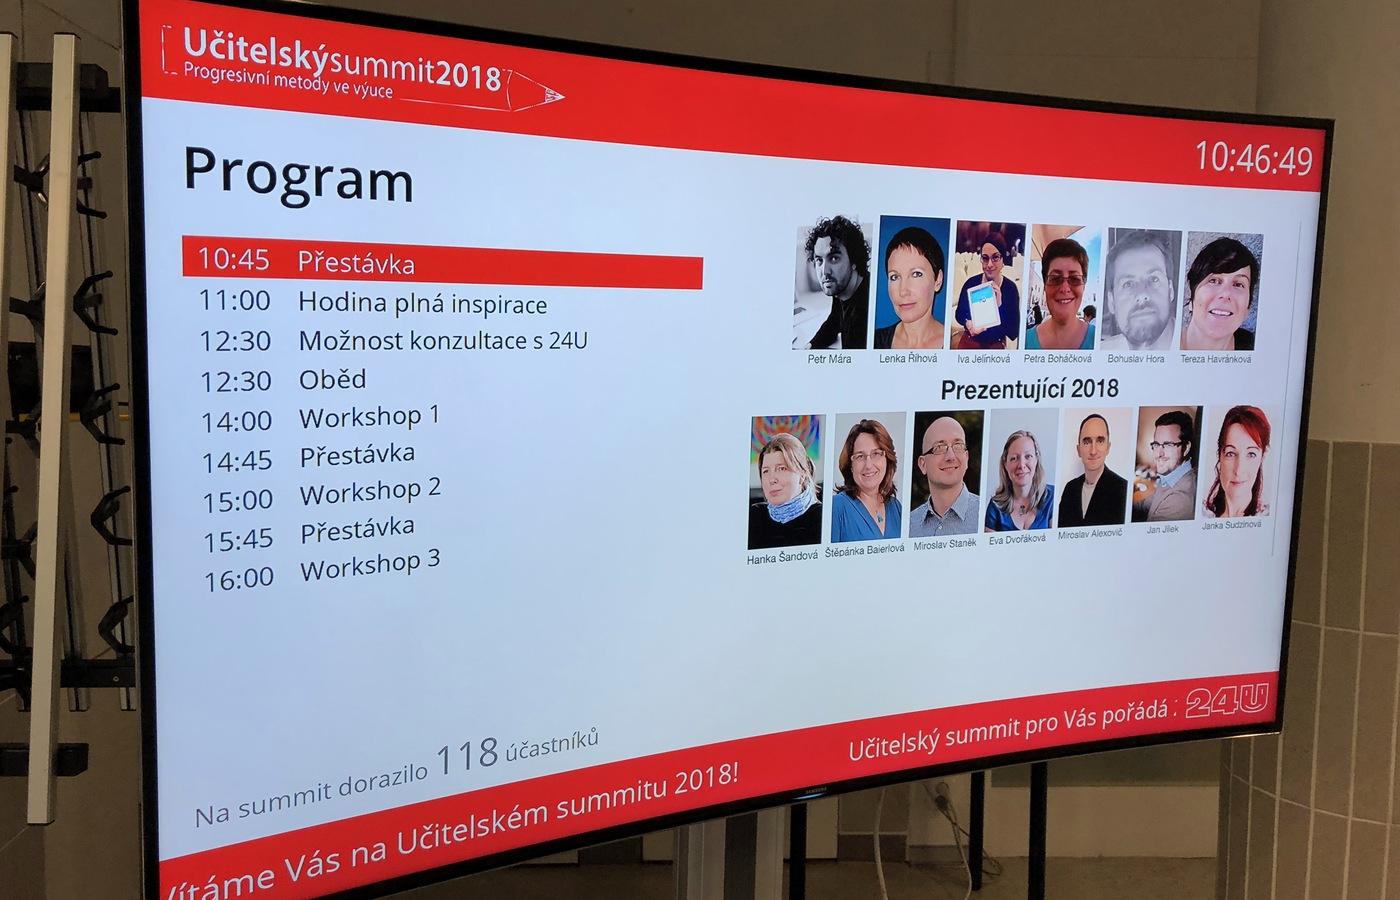 Informační obrazovka s programem